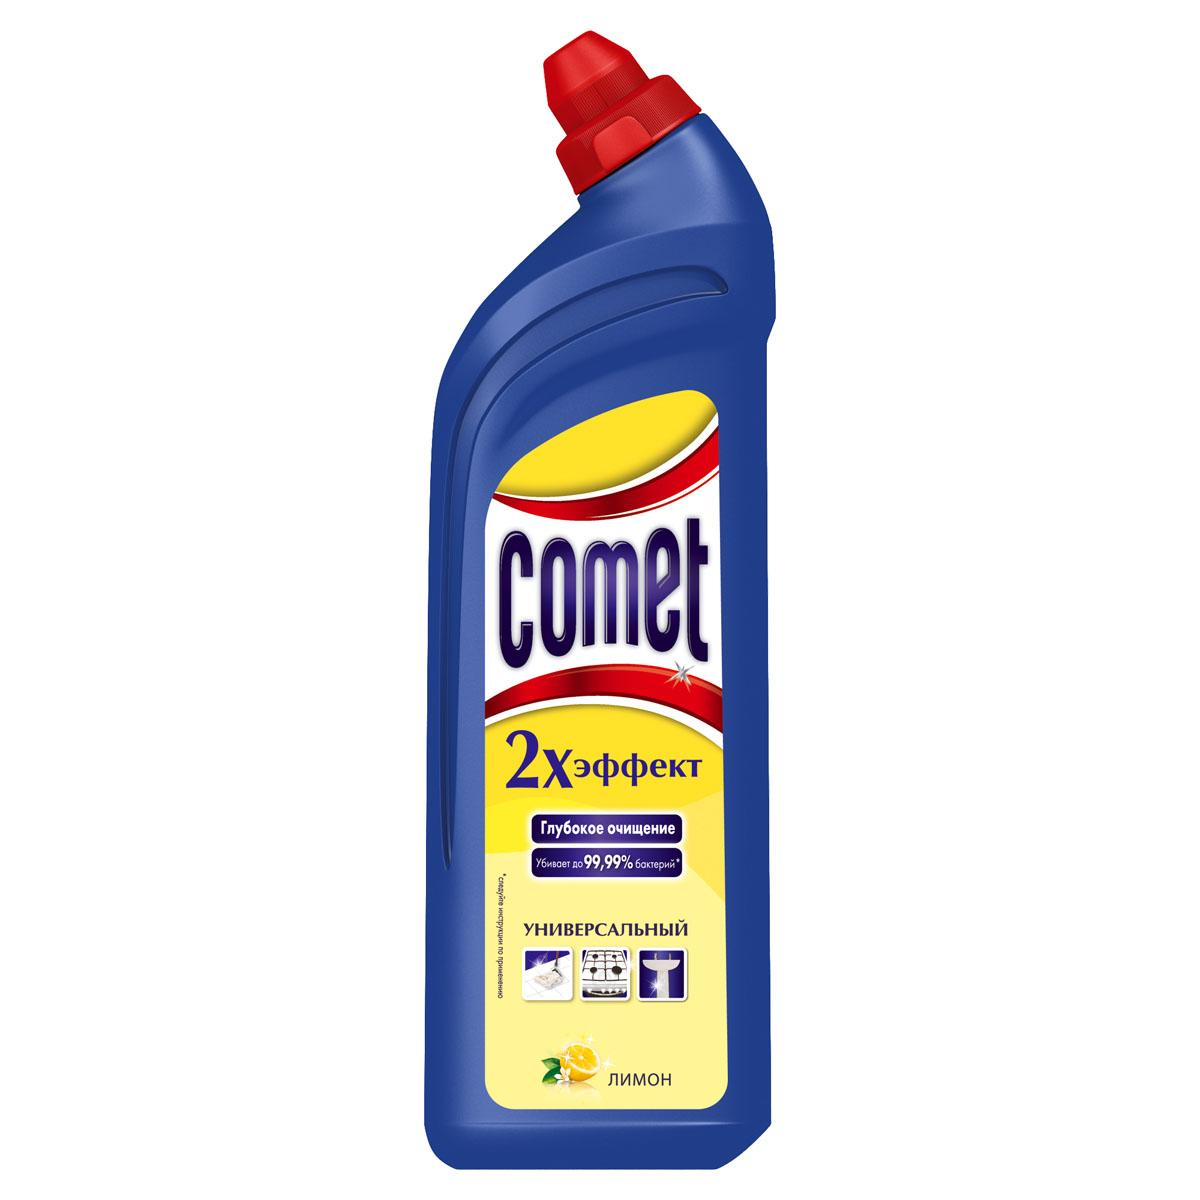 Универсальный чистящий гель Comet Двойной эффект, с ароматом лимона, 1 лCG-80227825Универсальный чистящий гель Comet Двойной эффект предназначен для глубокого очищения поверхностей. Эффективно удаляет повседневные загрязнения и обычный жир во всем доме, а также дезинфицирует поверхности. Средство подходит для плит (в том числе стеклокерамических), ванн, раковин, унитазов, кафеля, мытья полов. Обладает приятным ароматом лимона.